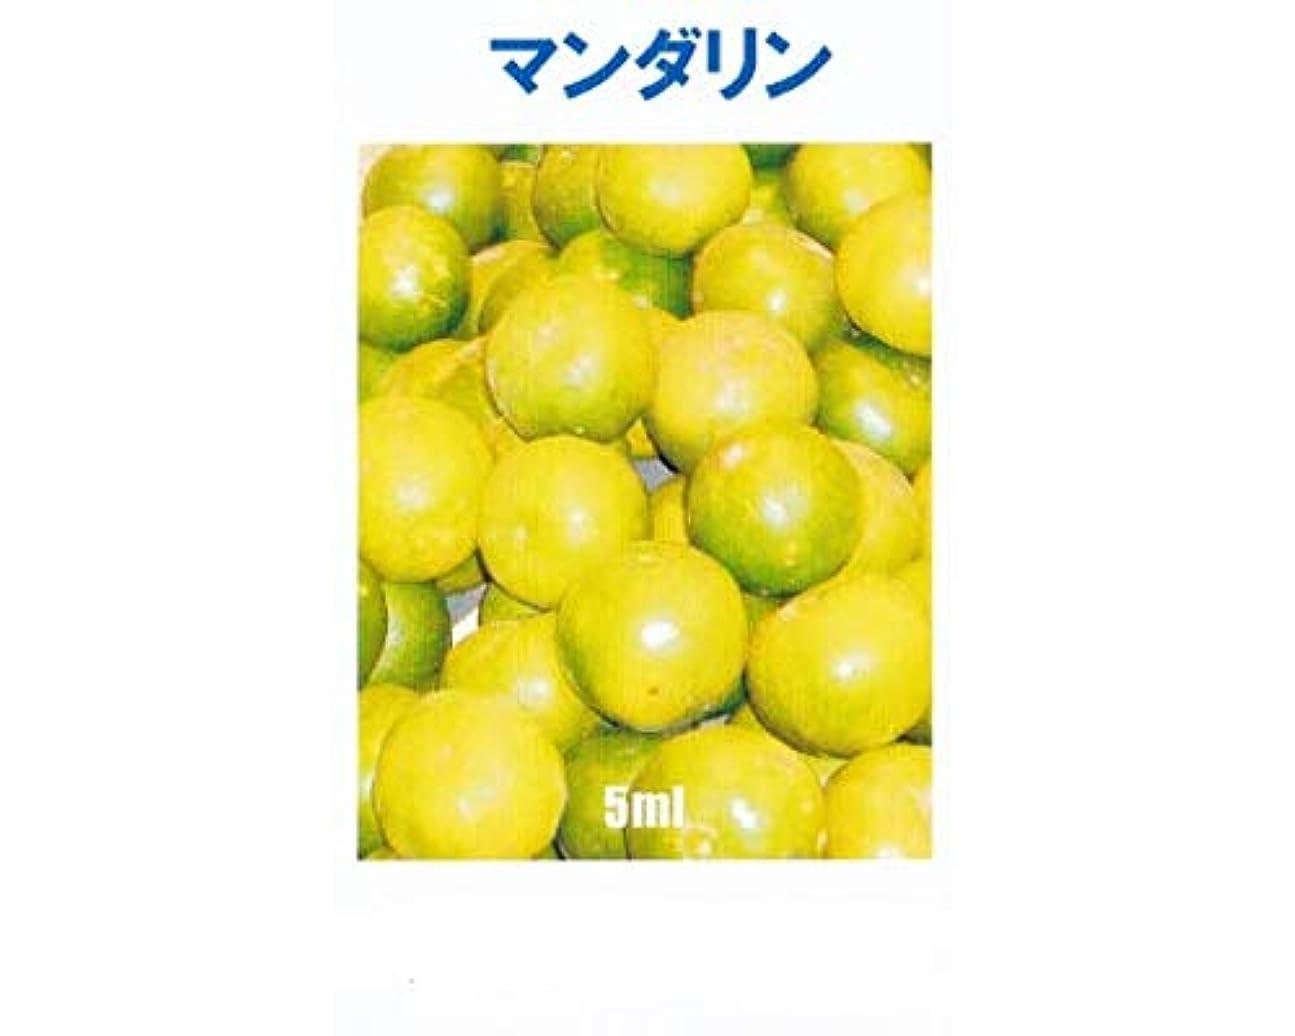 アロマオイル マンダリン 5ml エッセンシャルオイル 100%天然成分